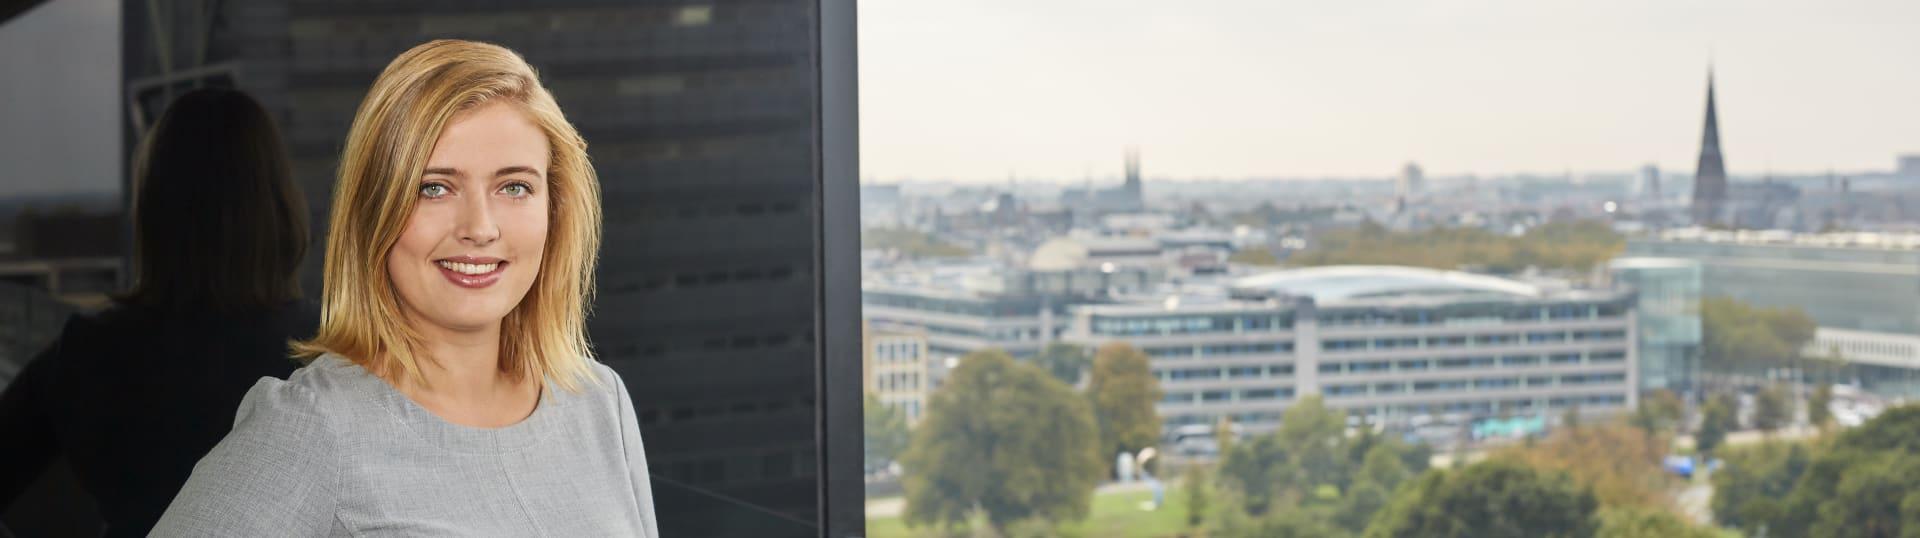 Floor Veldhuis, advocaat Pels Rijcken